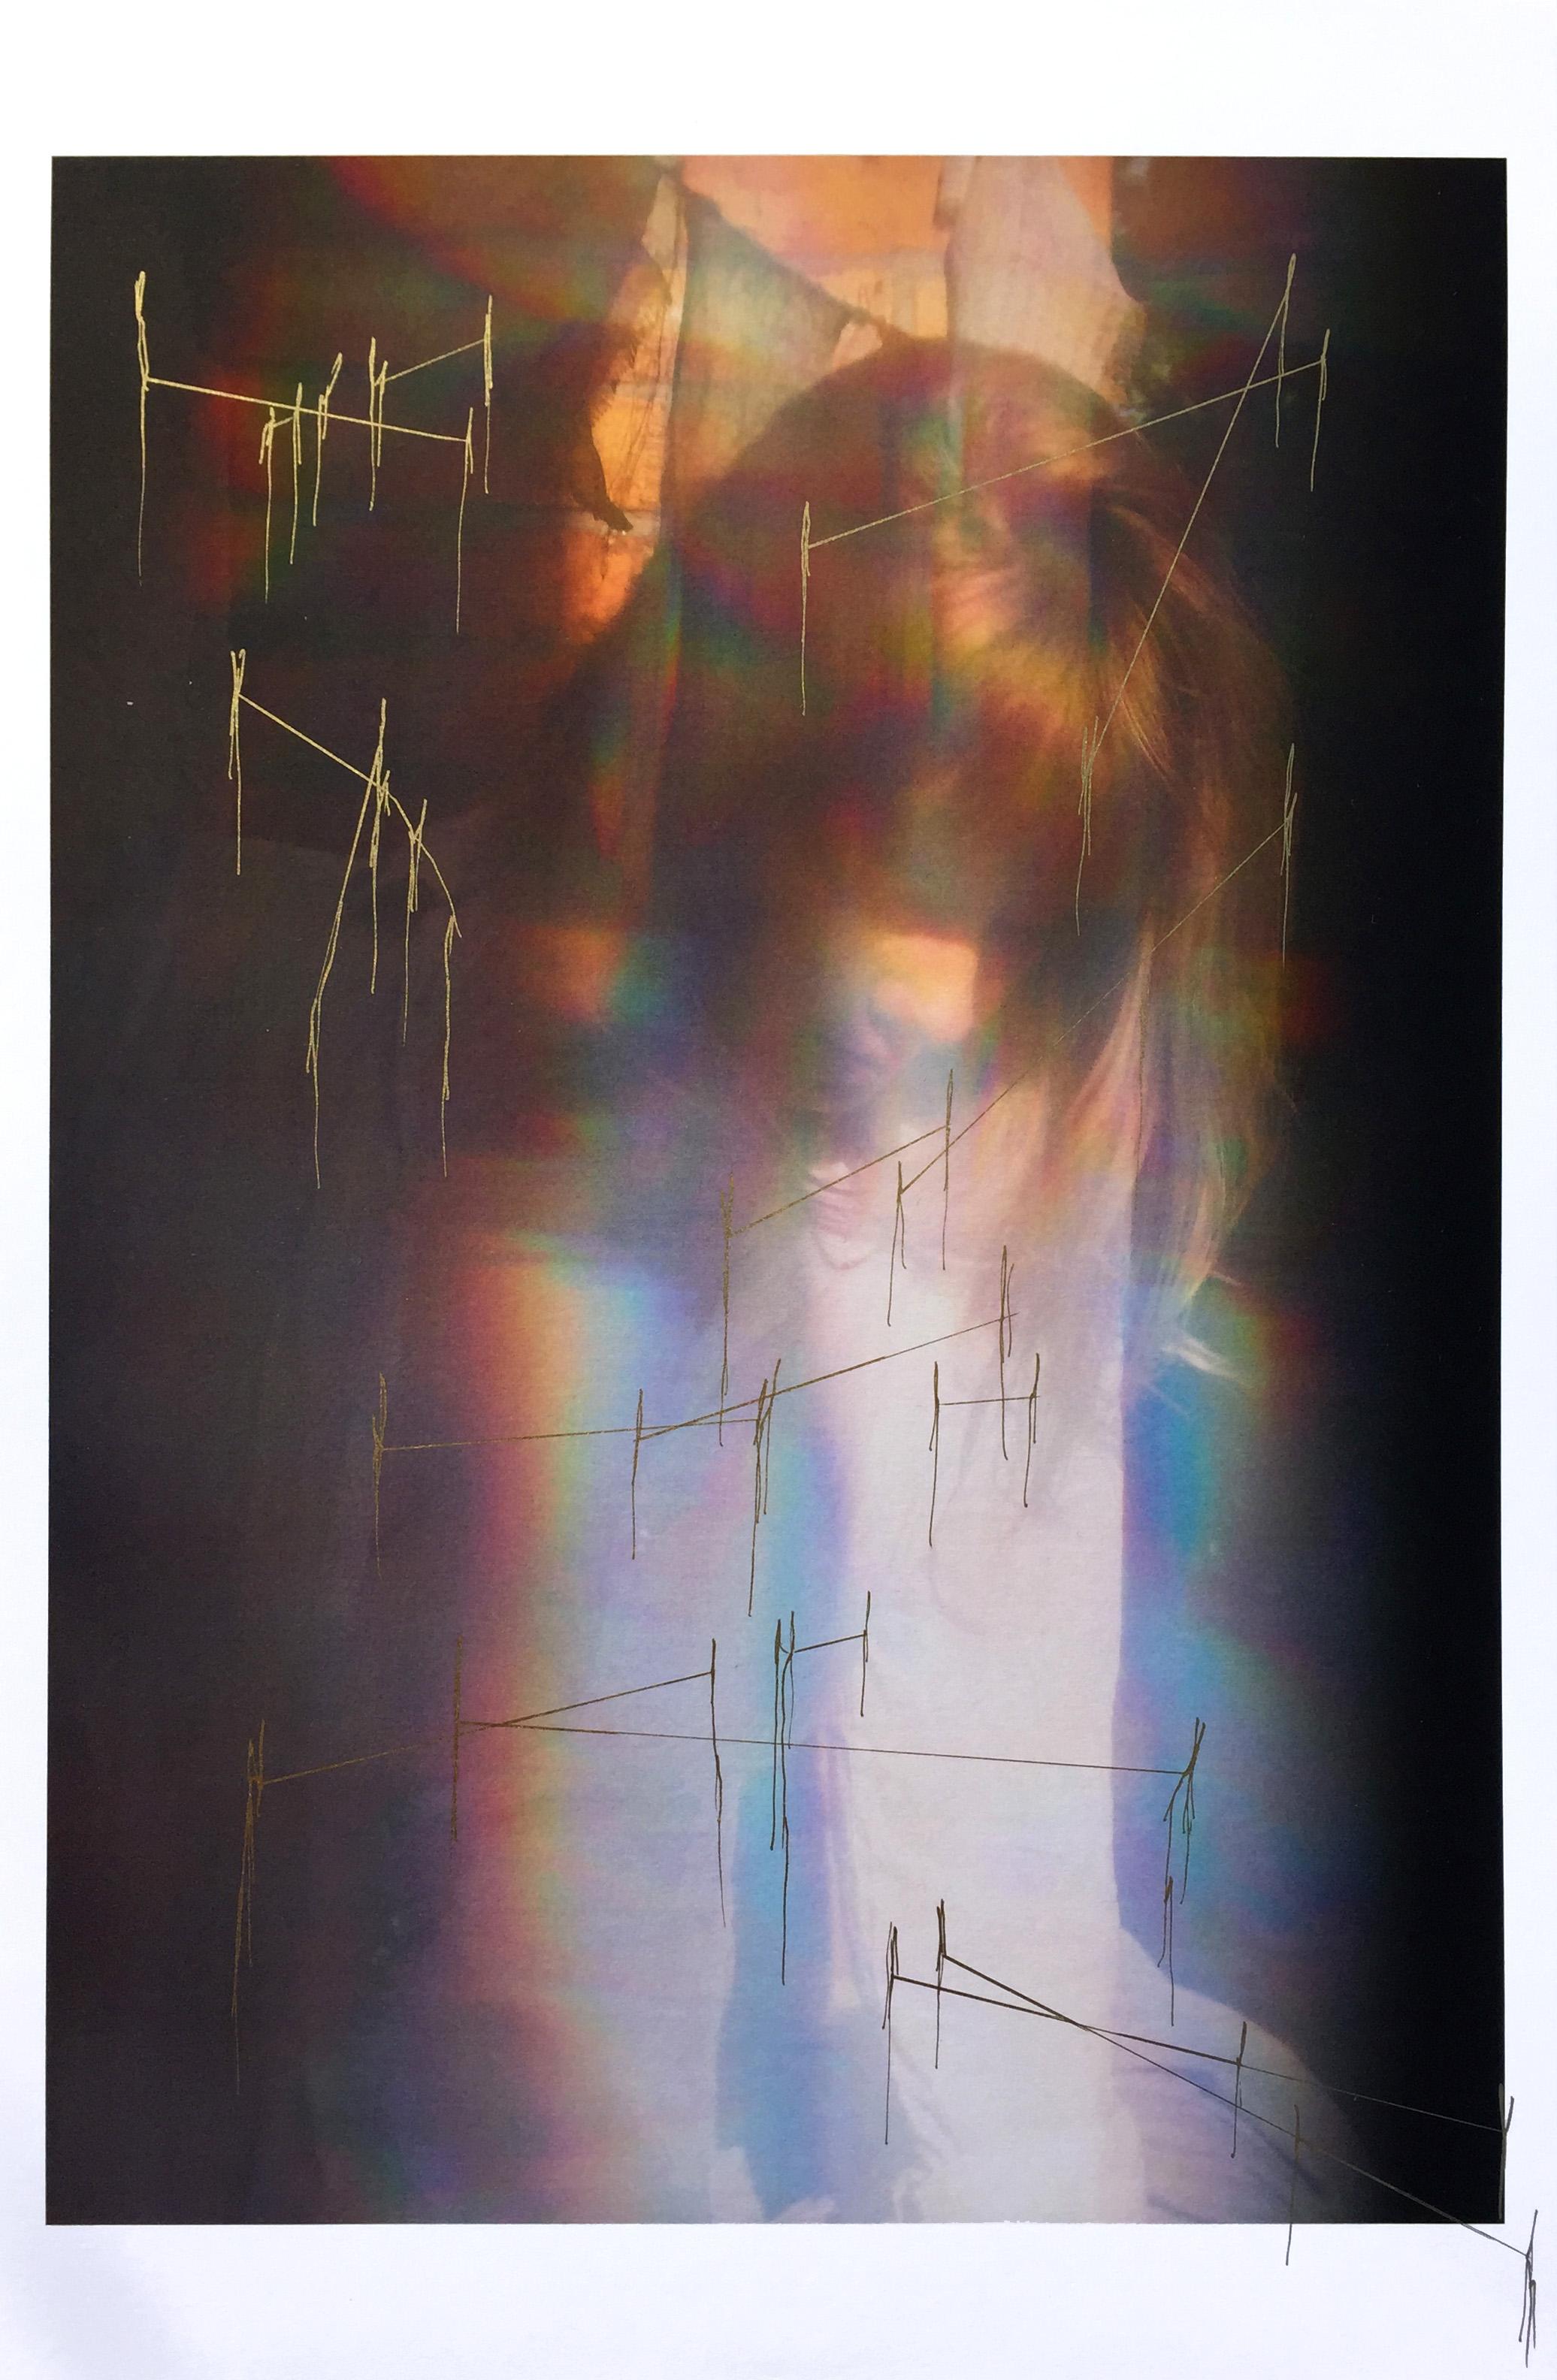 Arik Miranda, Untitled (from 'Forever and a Day'), 2015, felt pen on inkjet print, 49x32 cm (1)